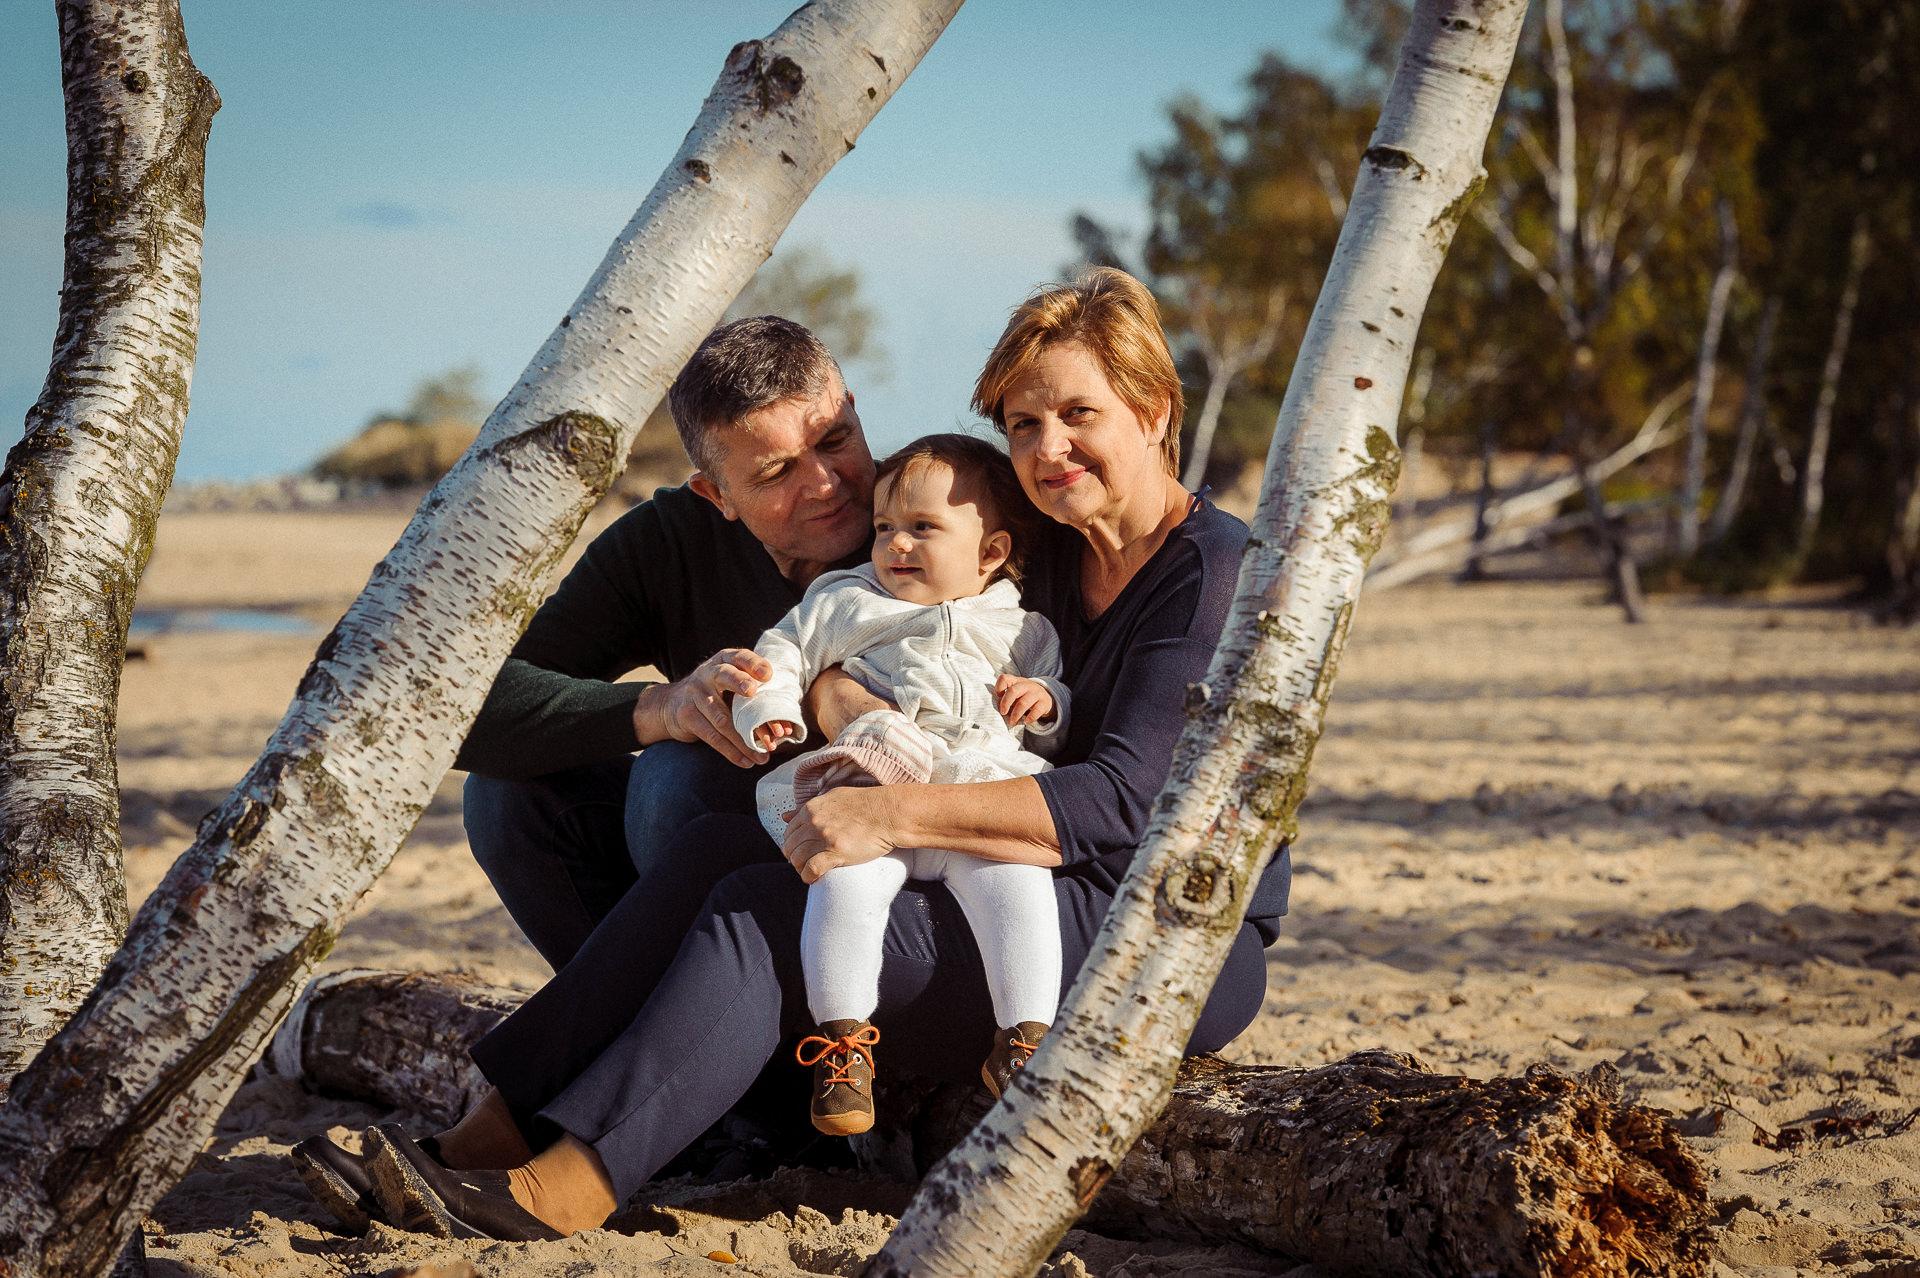 Sesja wielopokoleniowa z Babcią i Dziadkiem jesienna sesja rodzinna w plenerze